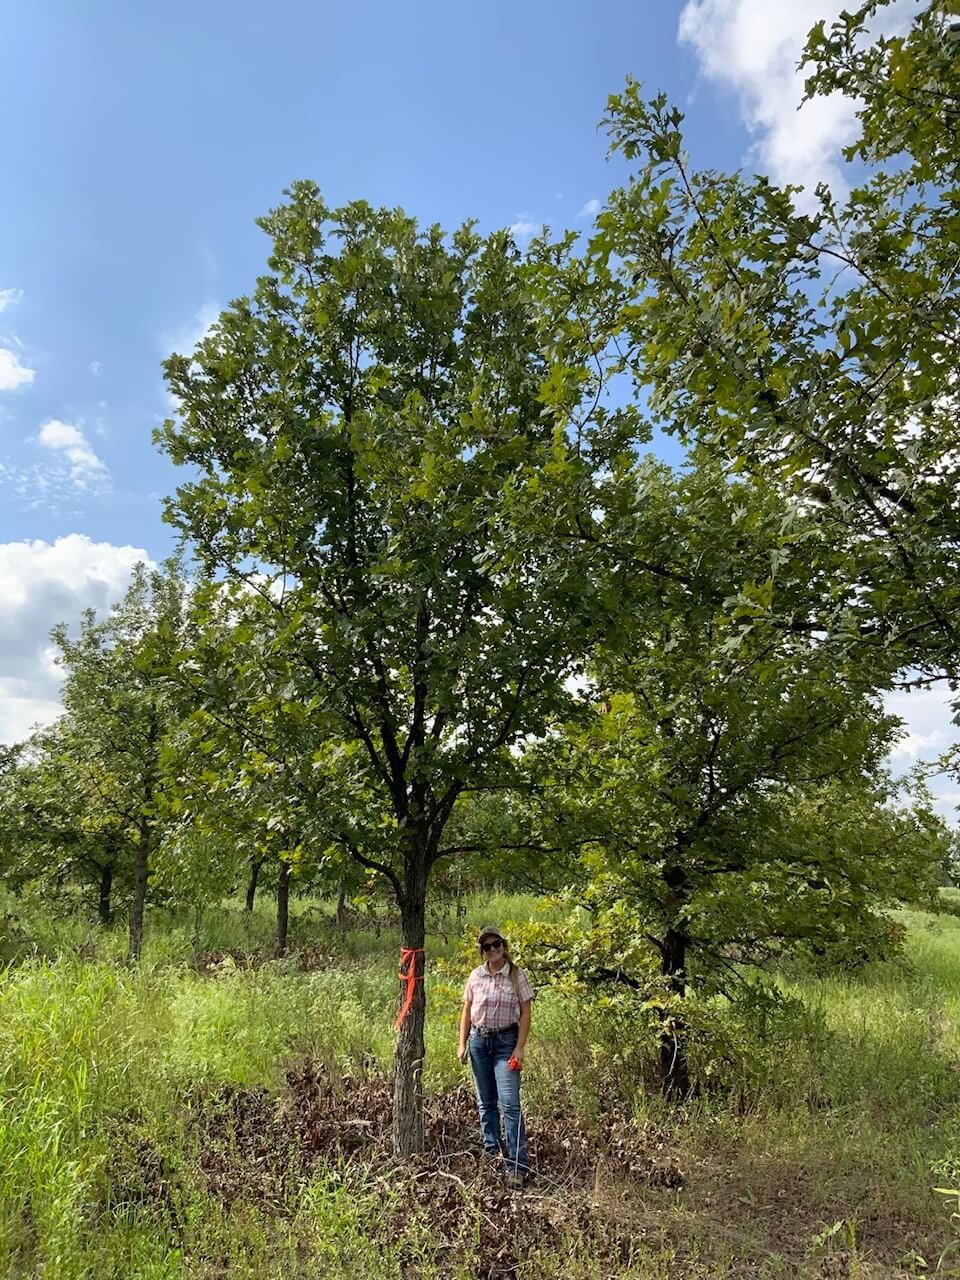 8 inch burr oak trees